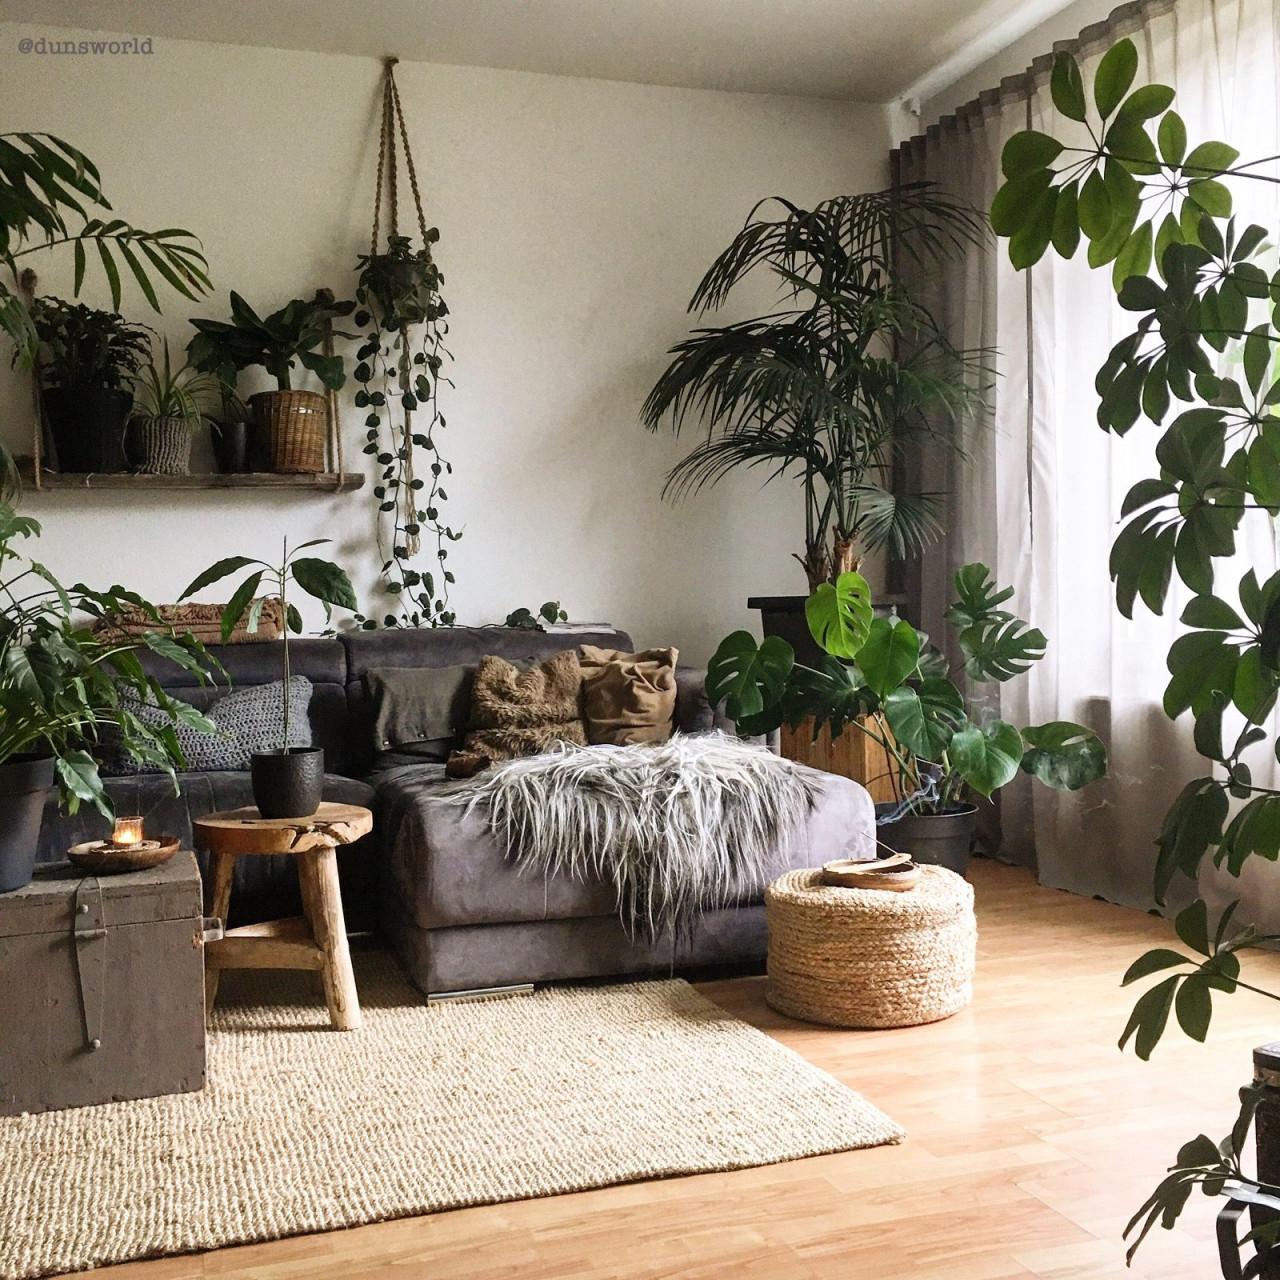 Dunsworld  Wohnzimmer Design Wohnzimmer Gestalten von Wohnzimmer Mit Pflanzen Gestalten Photo